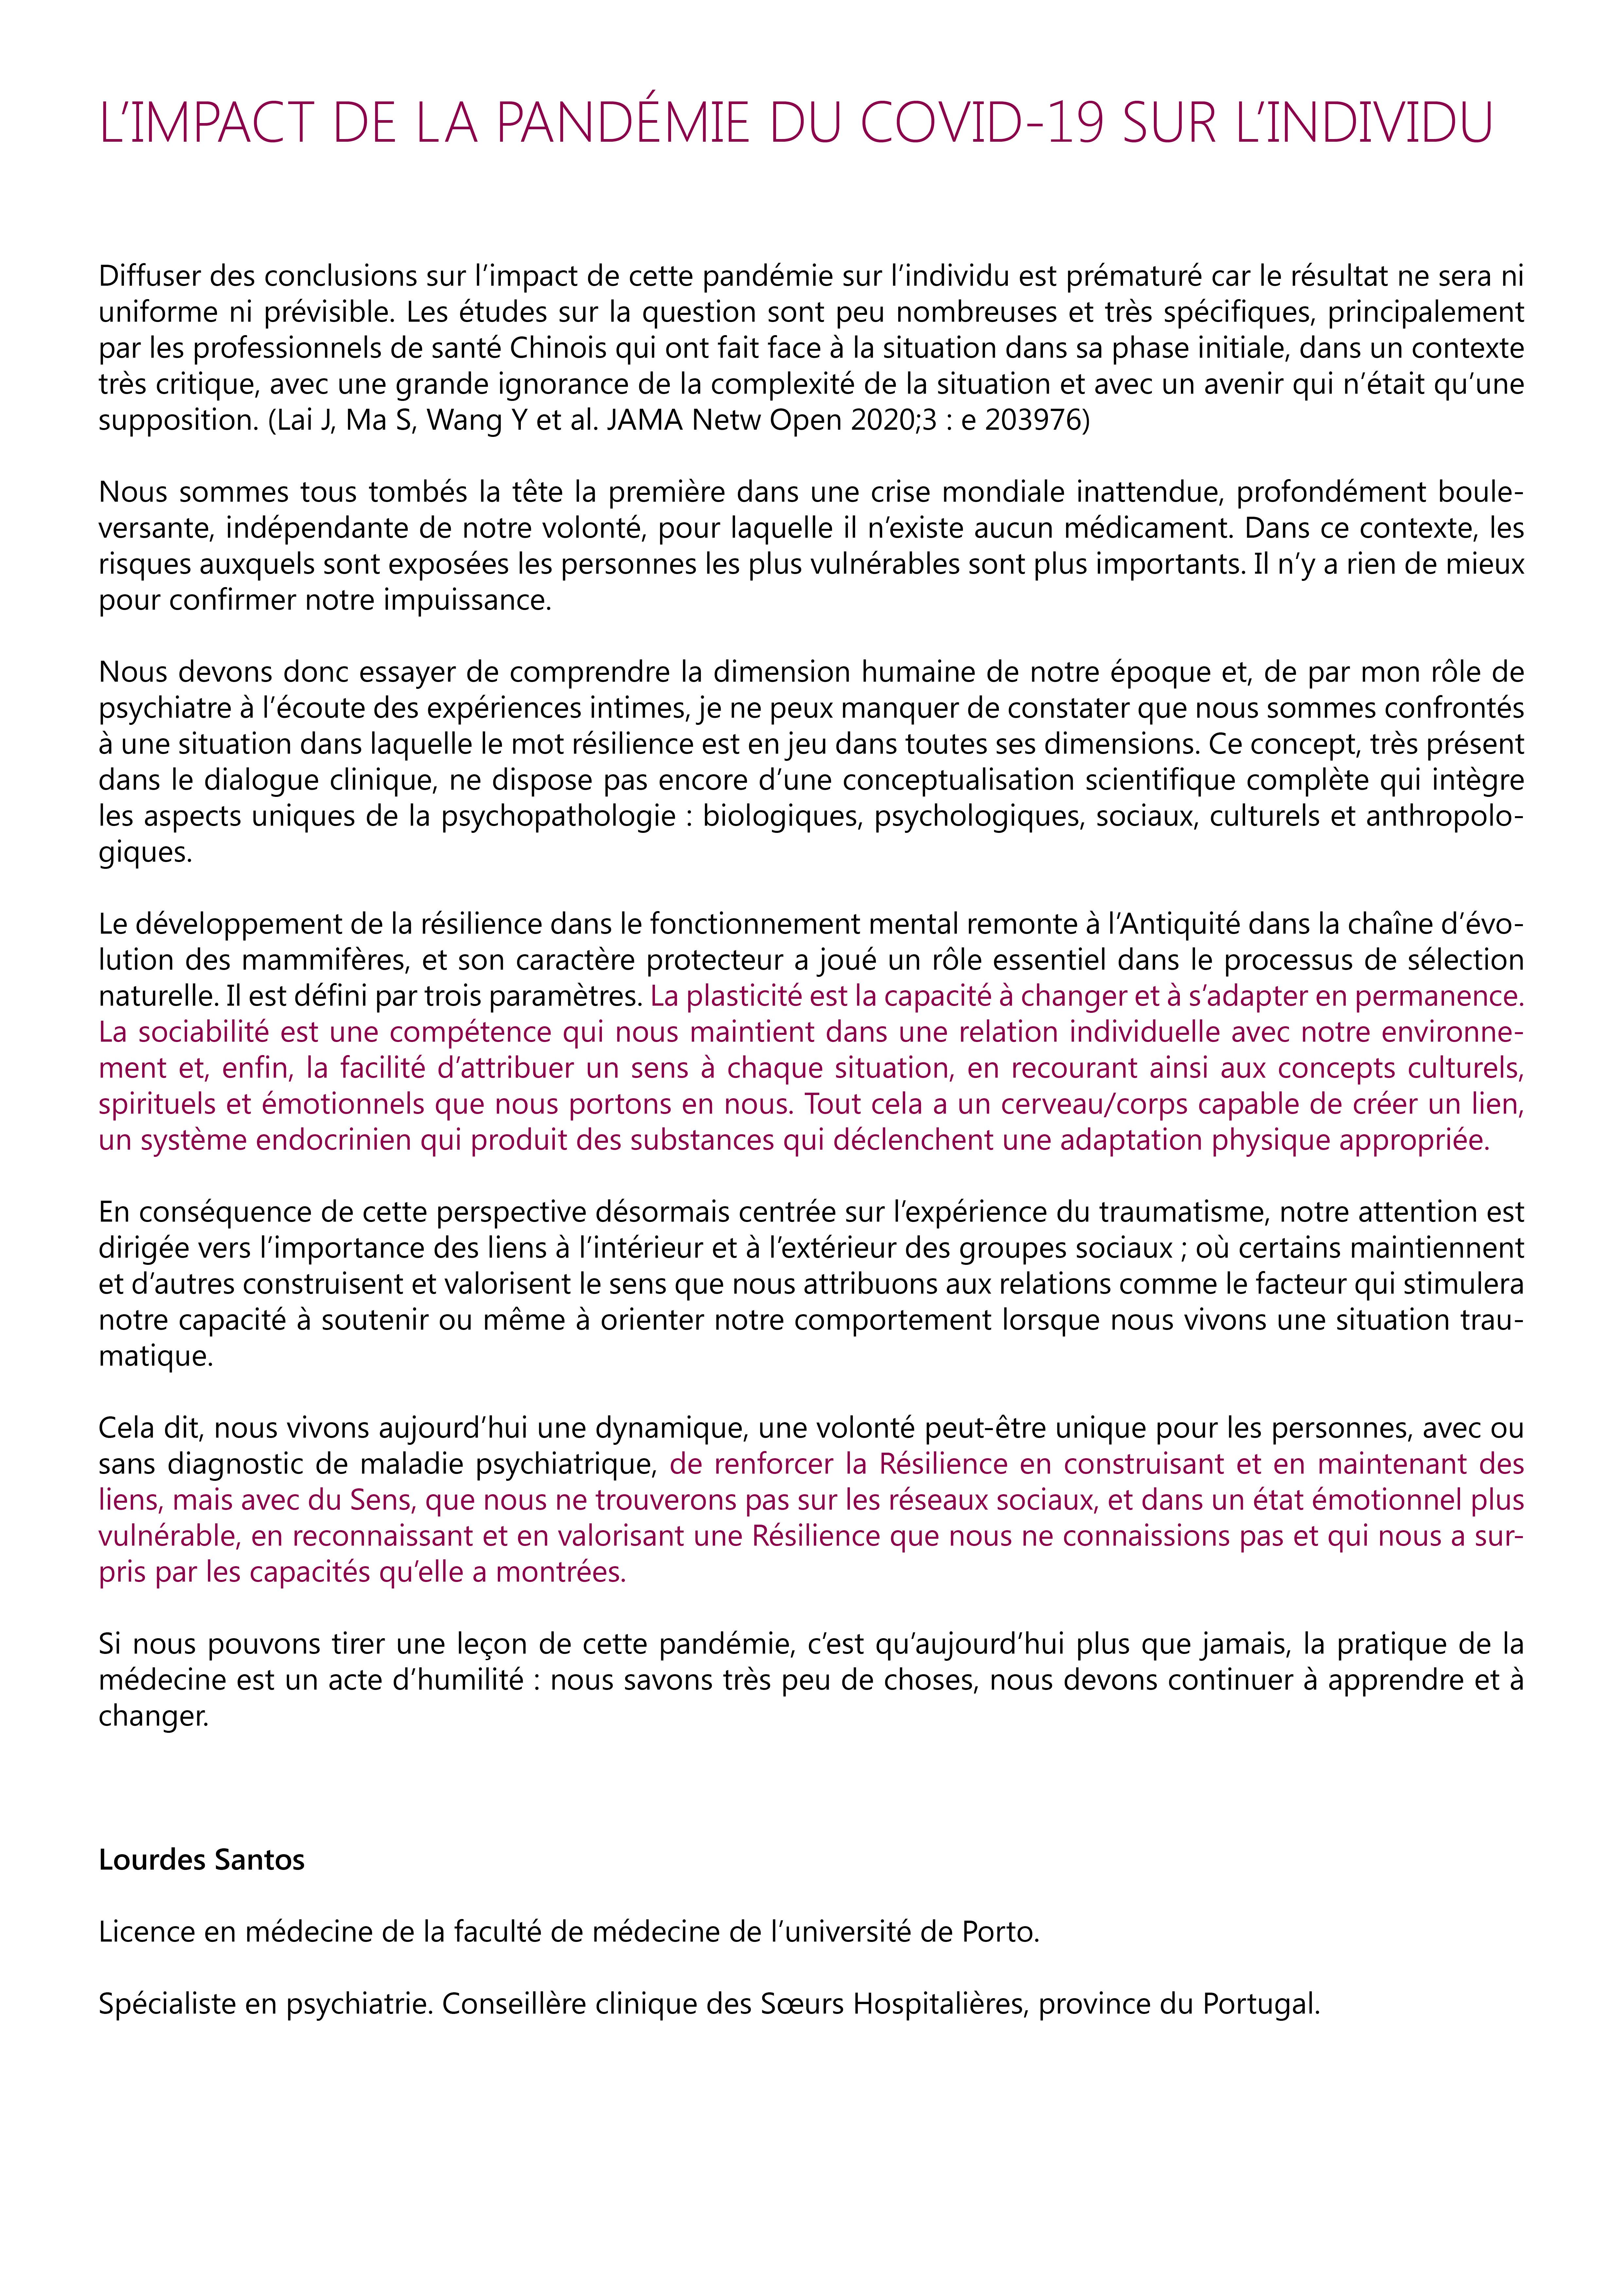 articles-de-lourdes-santos-province-du-portugal